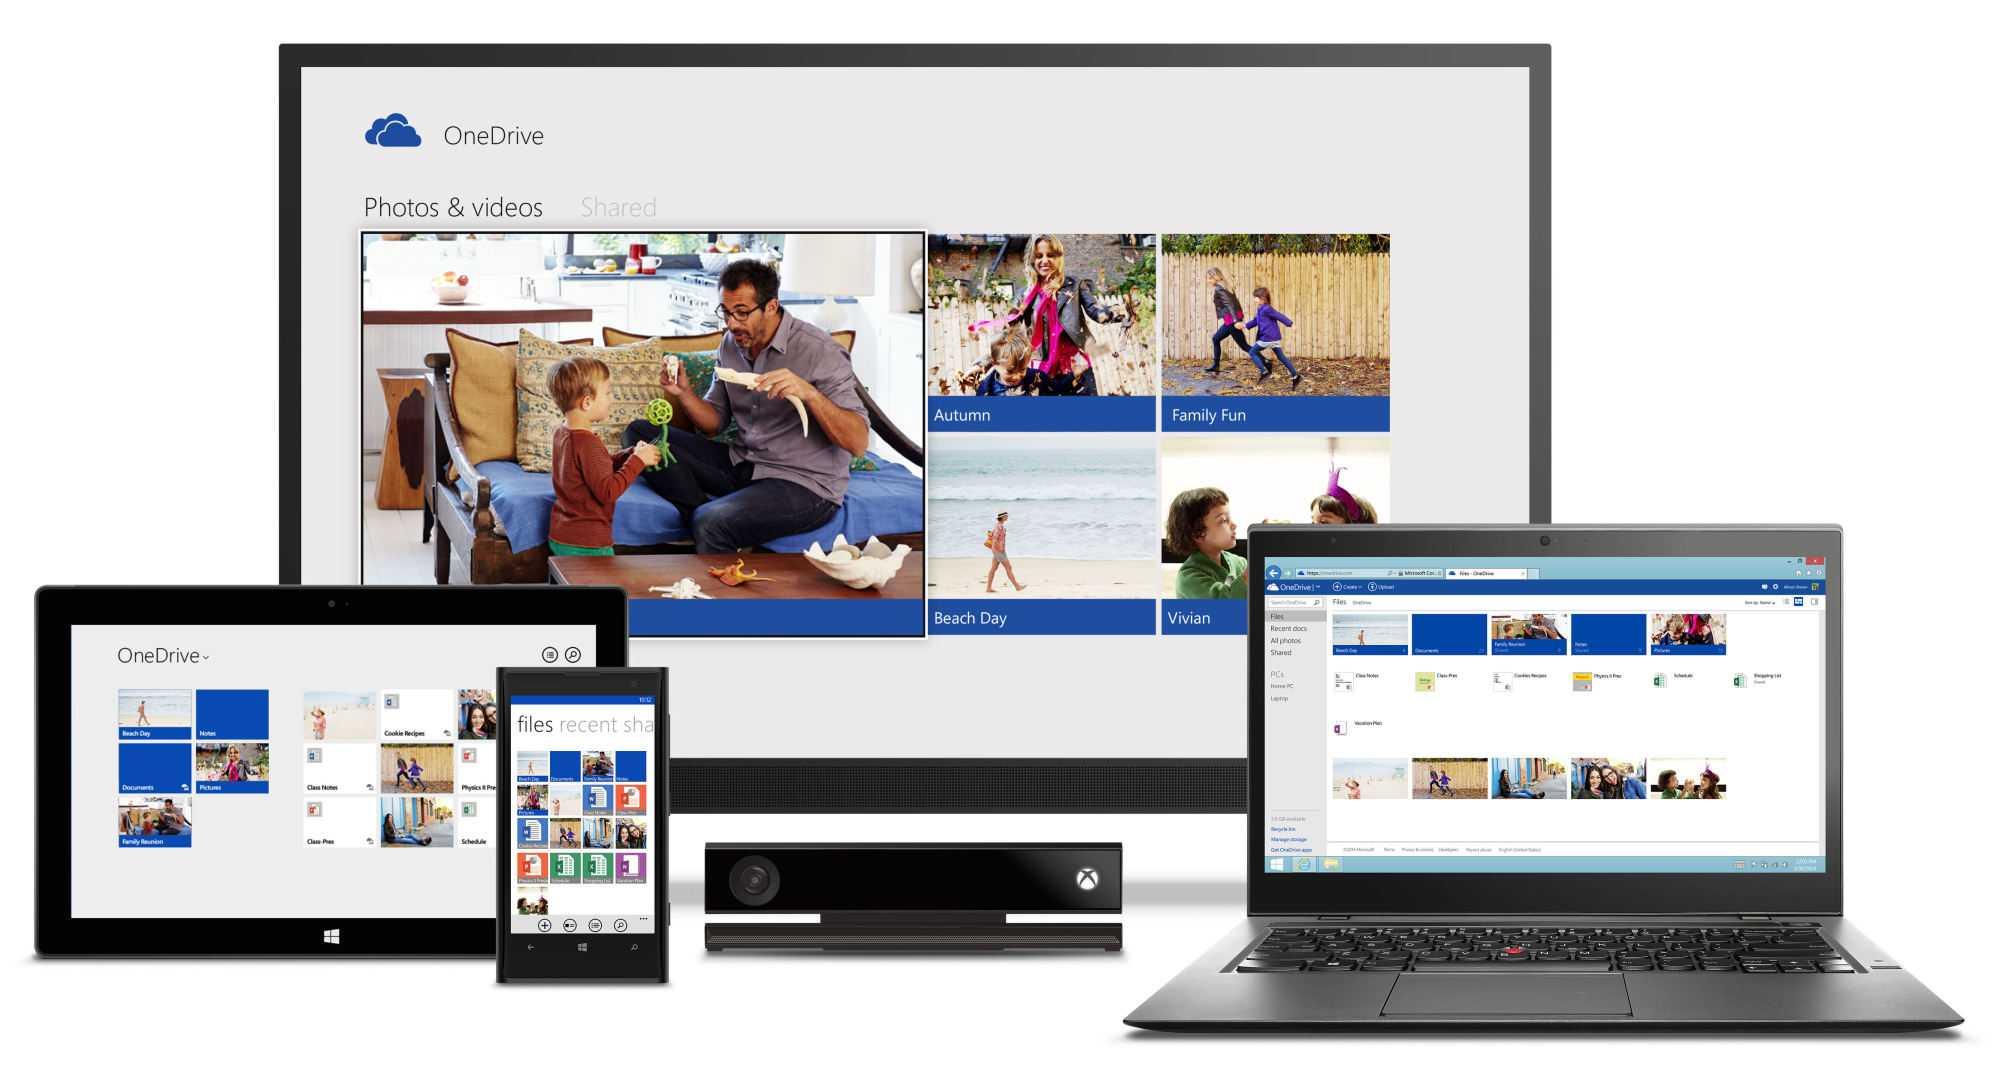 Microsoft möchte mit OneDrive auf alle Geräte und die Führung im Cloud-Geschäft übernehmen